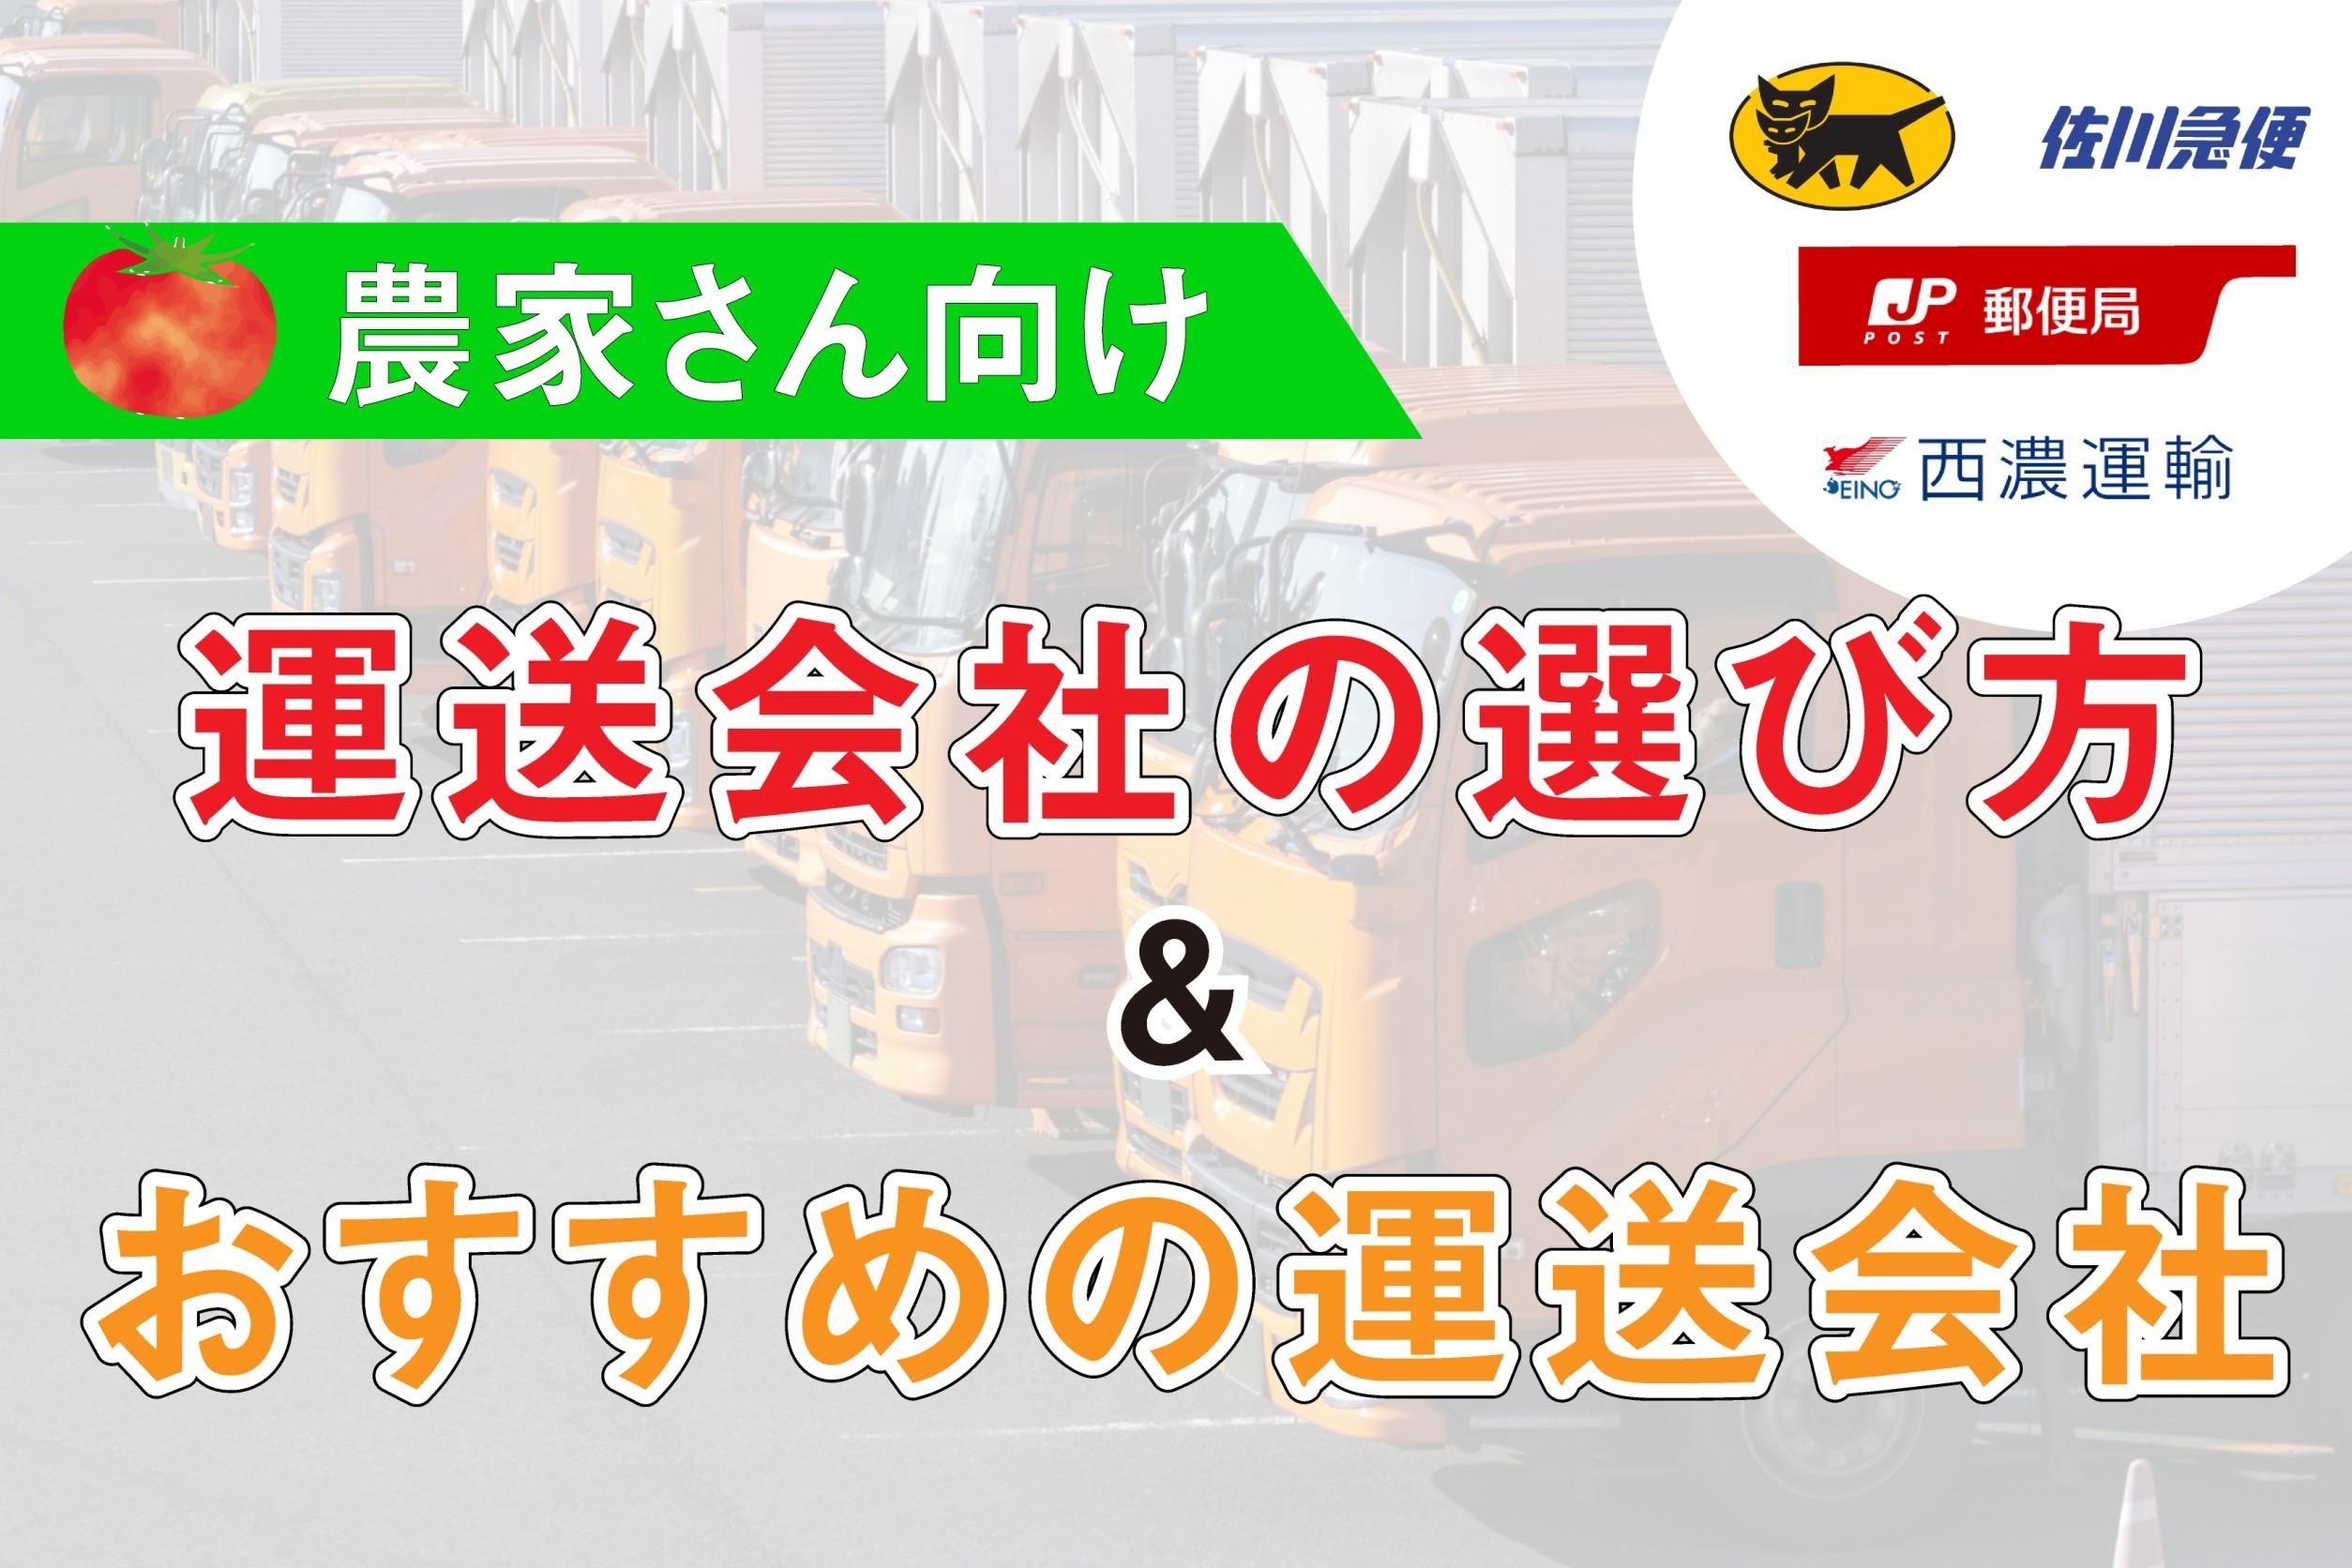 農家さん向けに運送会社の選び方とおすすめの運送会社をご紹介